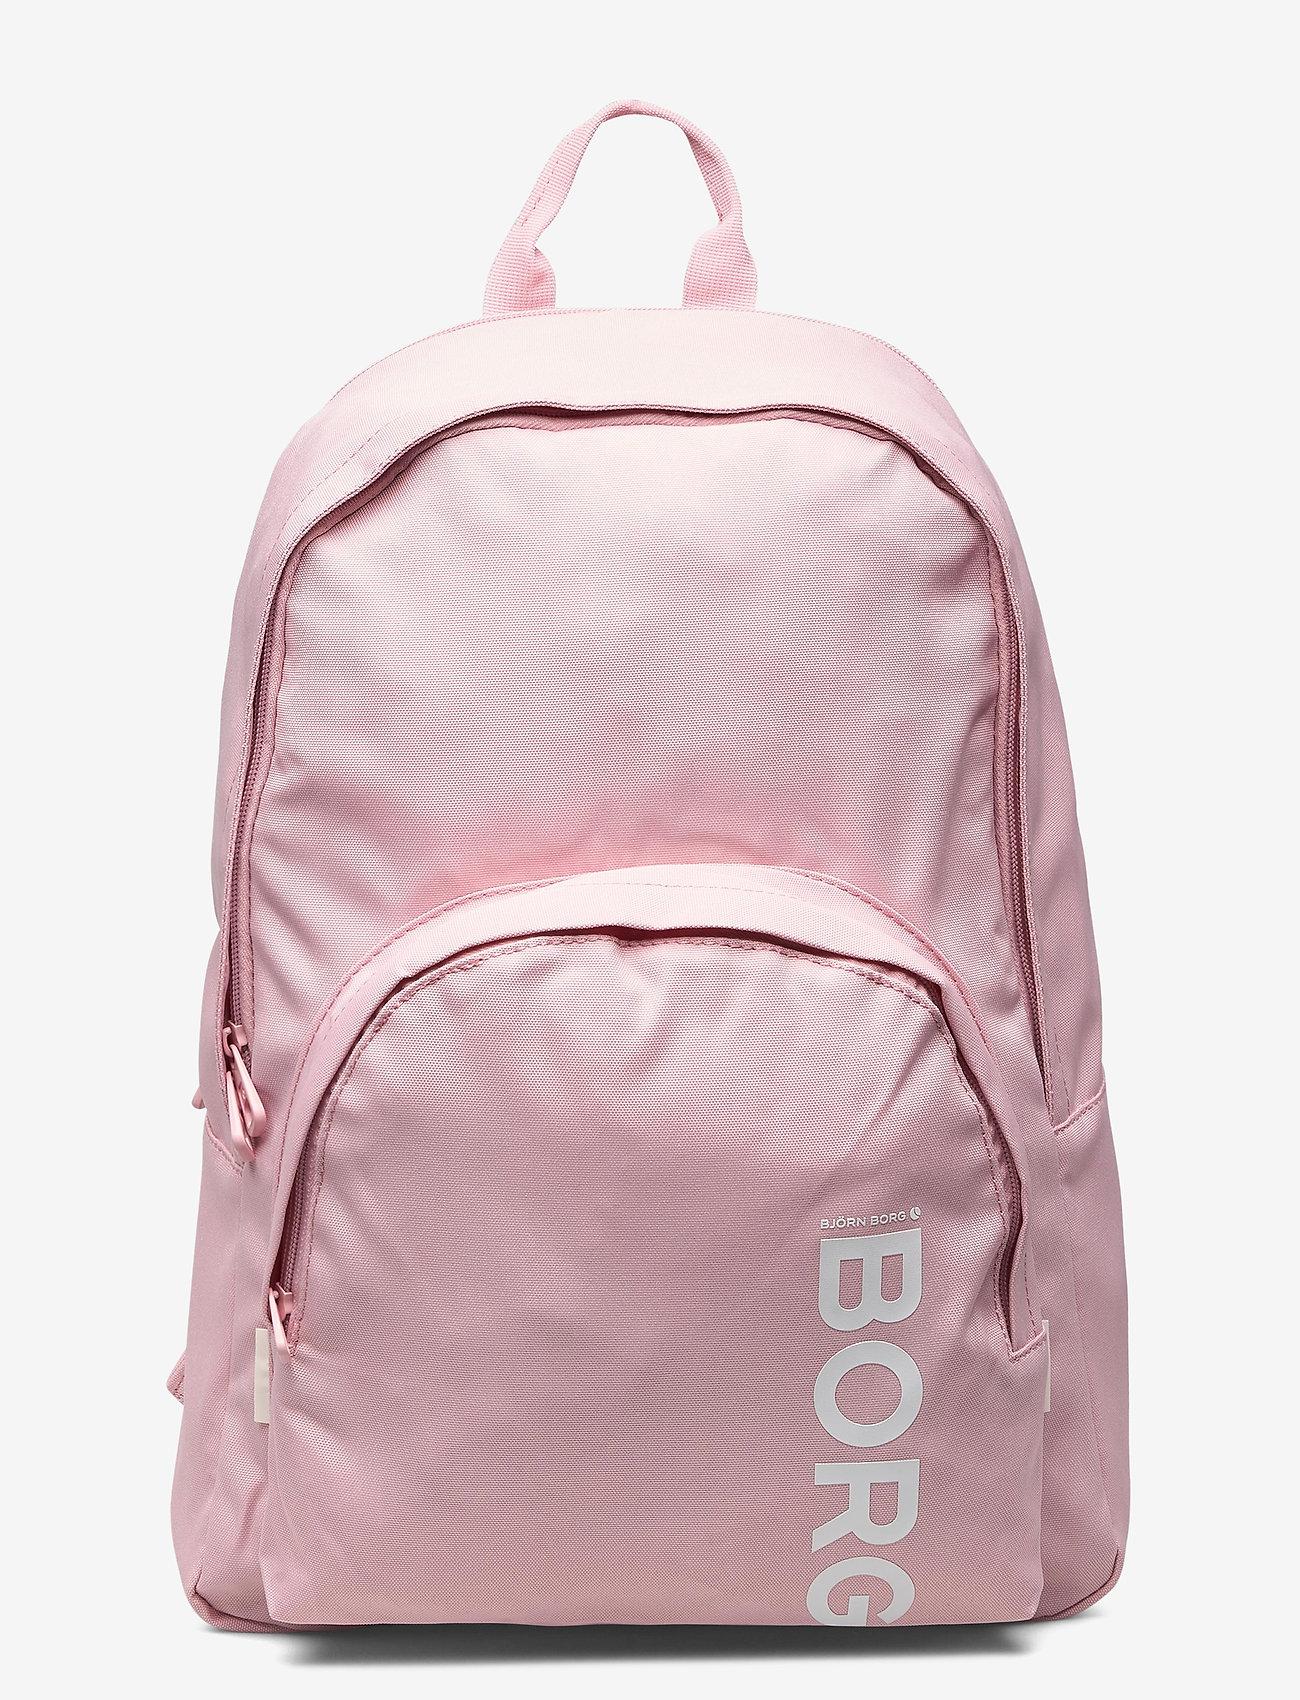 rosa björn borg väska